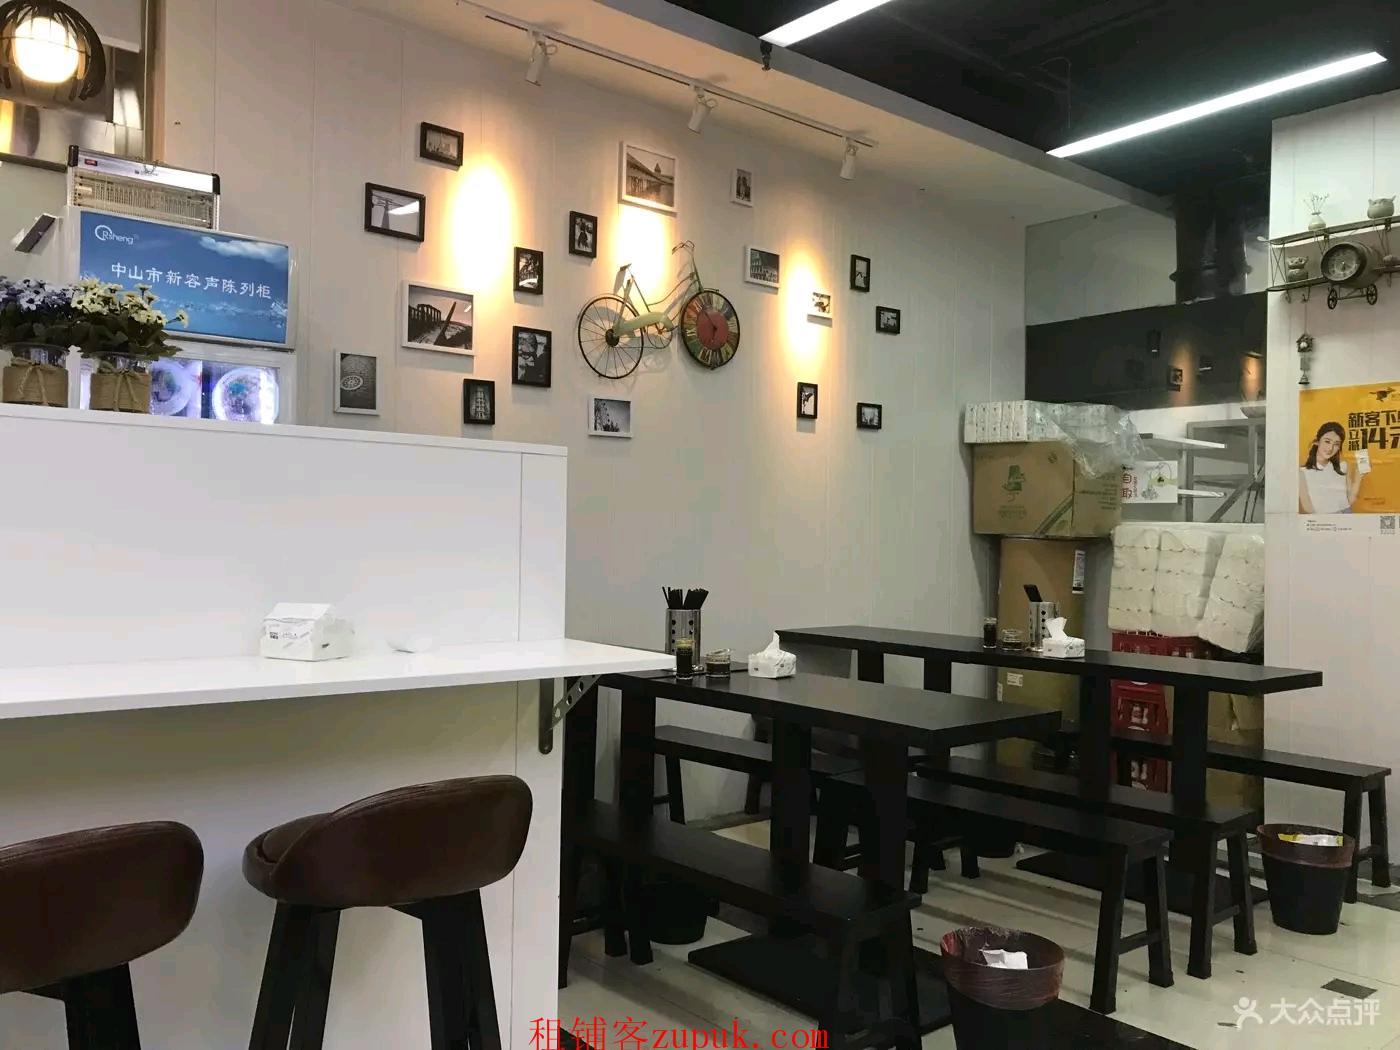 武侯区 3大写字楼旁 小吃店空转!(限重餐饮)